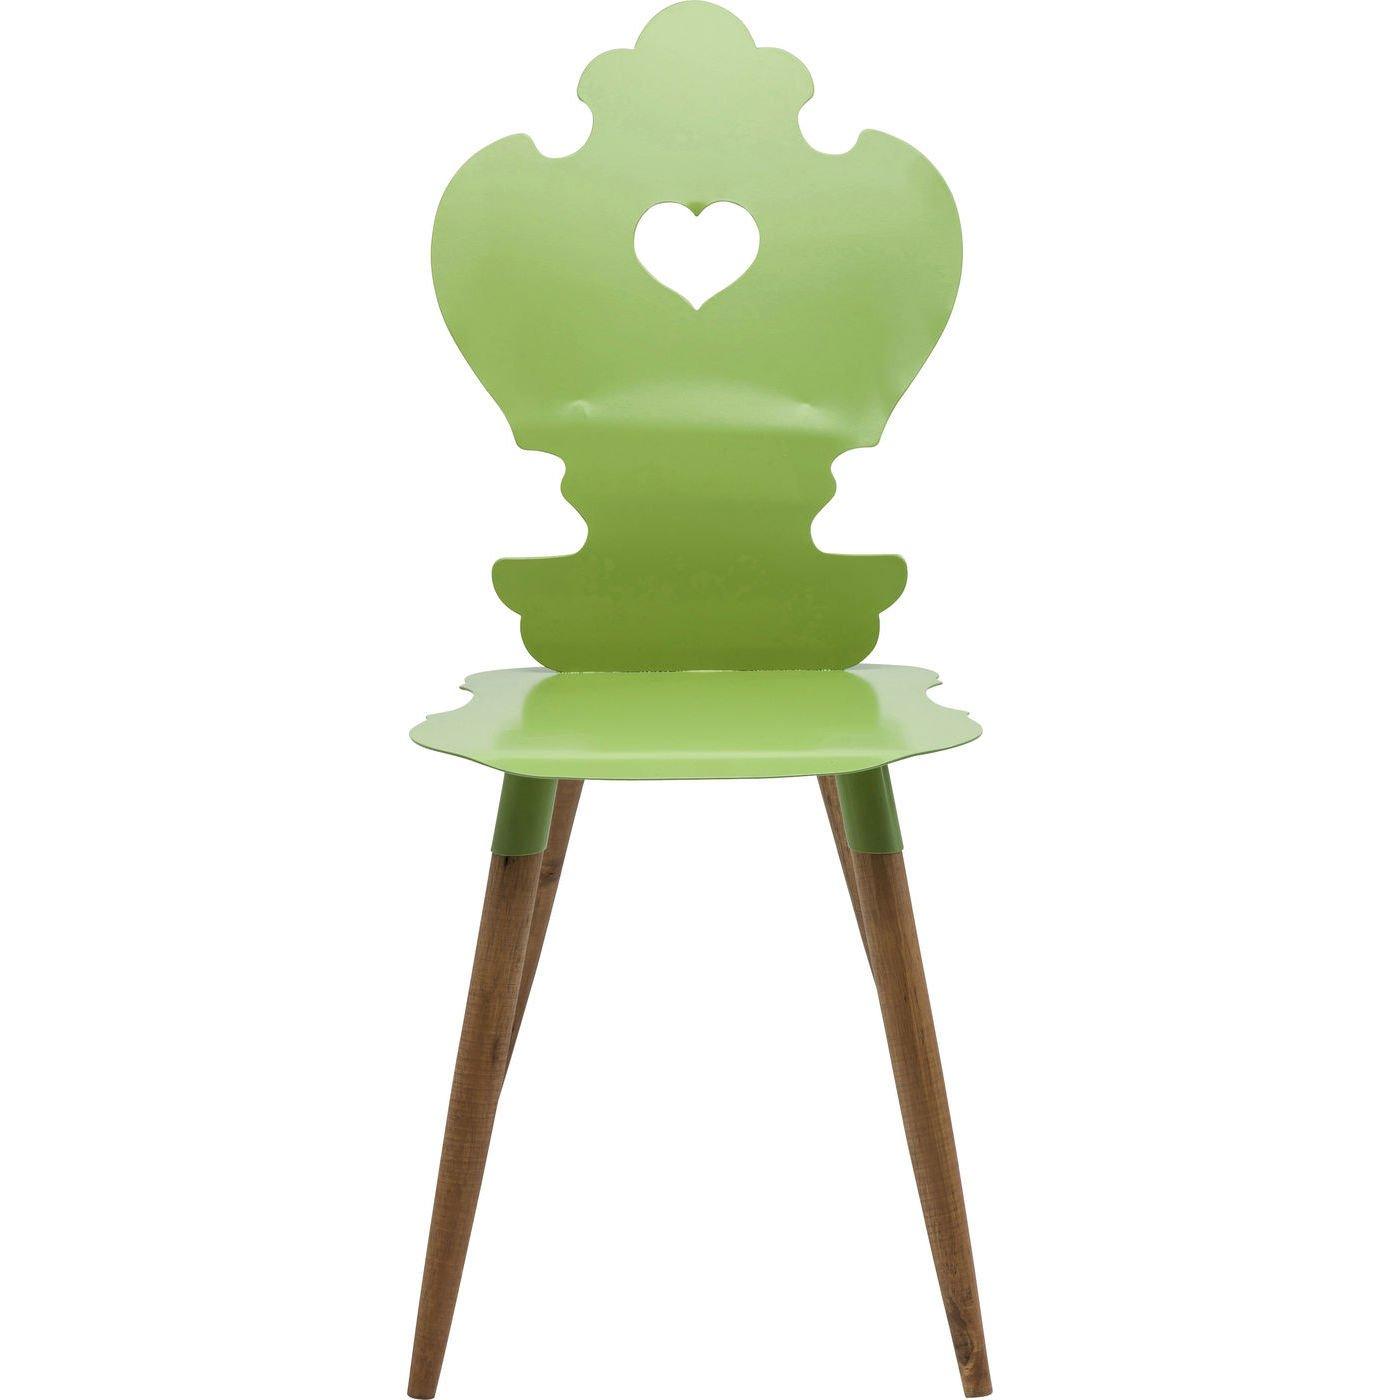 Stuhl Adelheid Light Green: Amazon.de: Küche & Haushalt